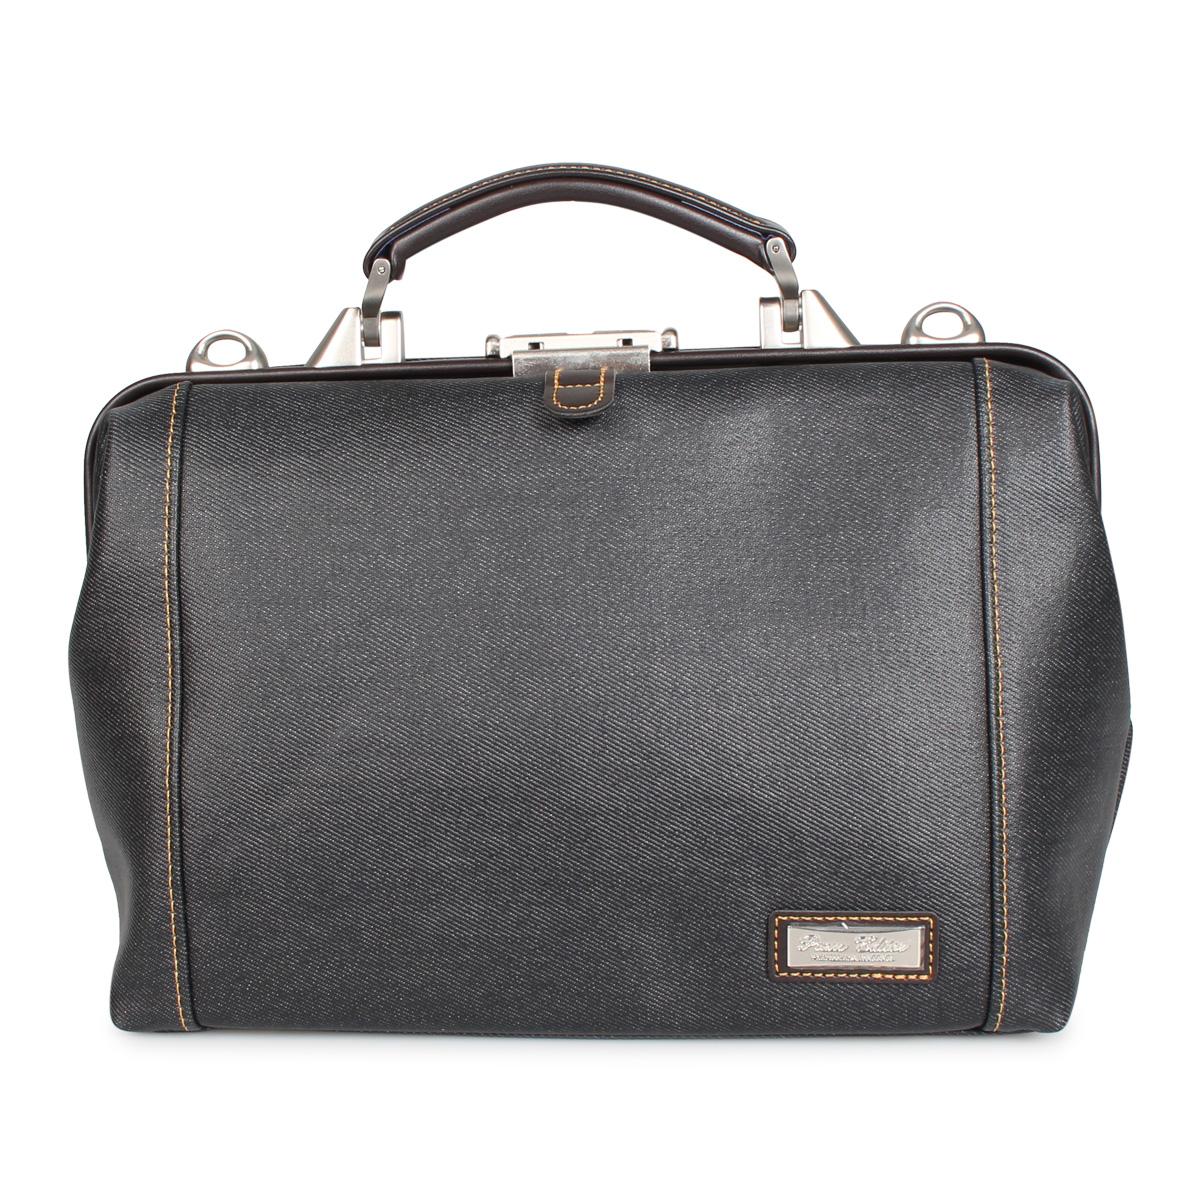 PREM-EDITOR DULLES BAG プレム エディター バッグ ビジネスバッグ ショルダーバッグ メンズ 6L ブラック ブルー 黒 02777